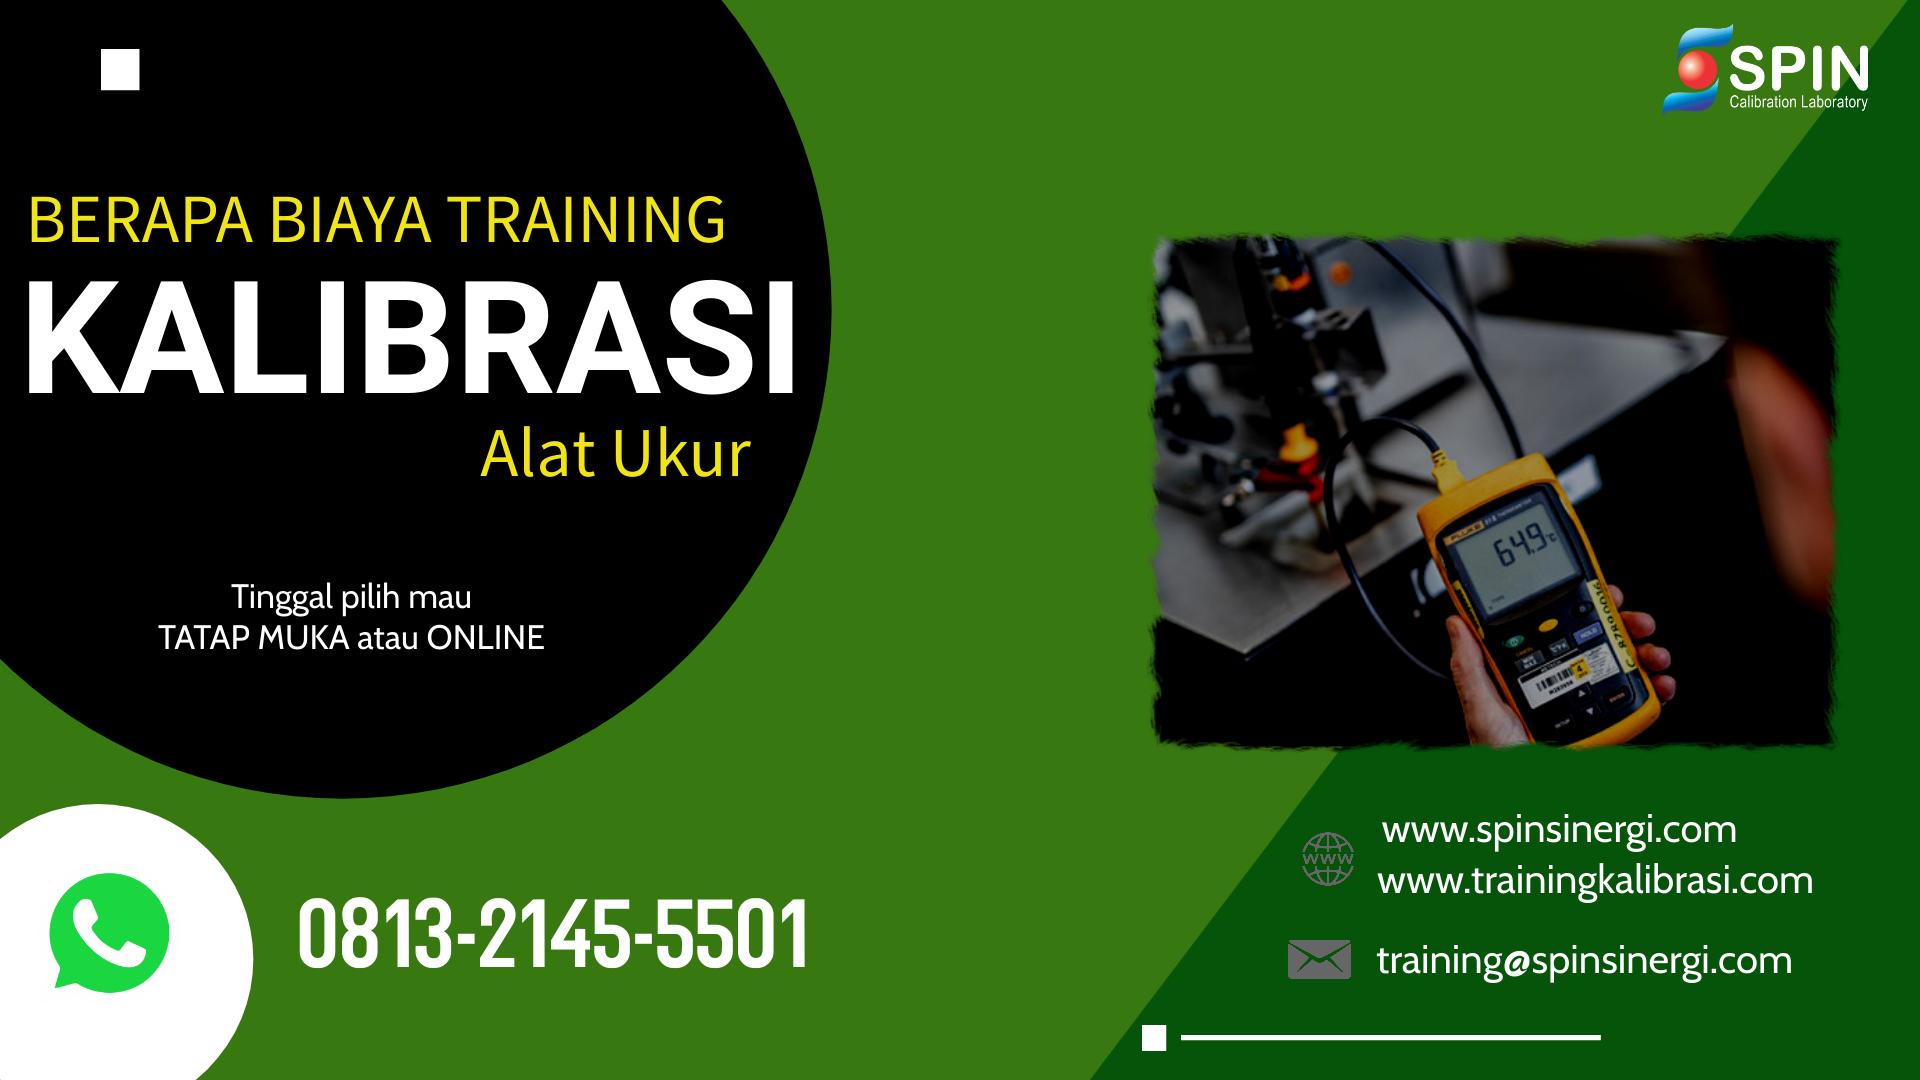 Biaya Training Kalibrasi